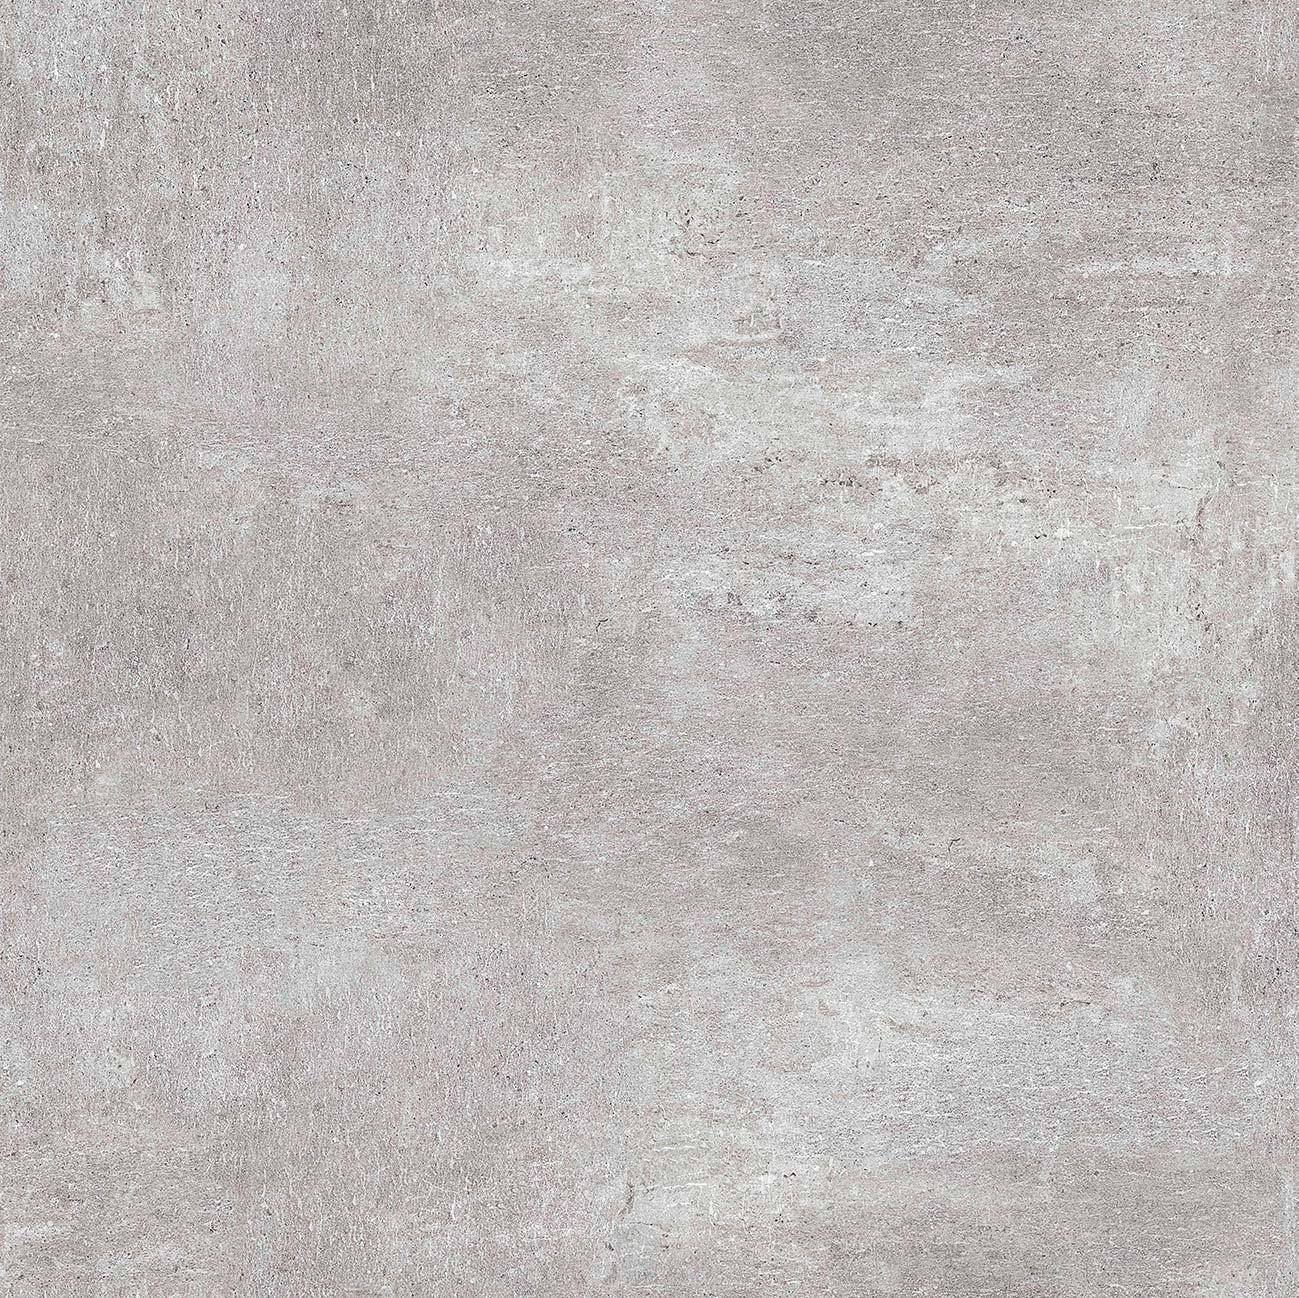 vinilico-pedra-biancogres